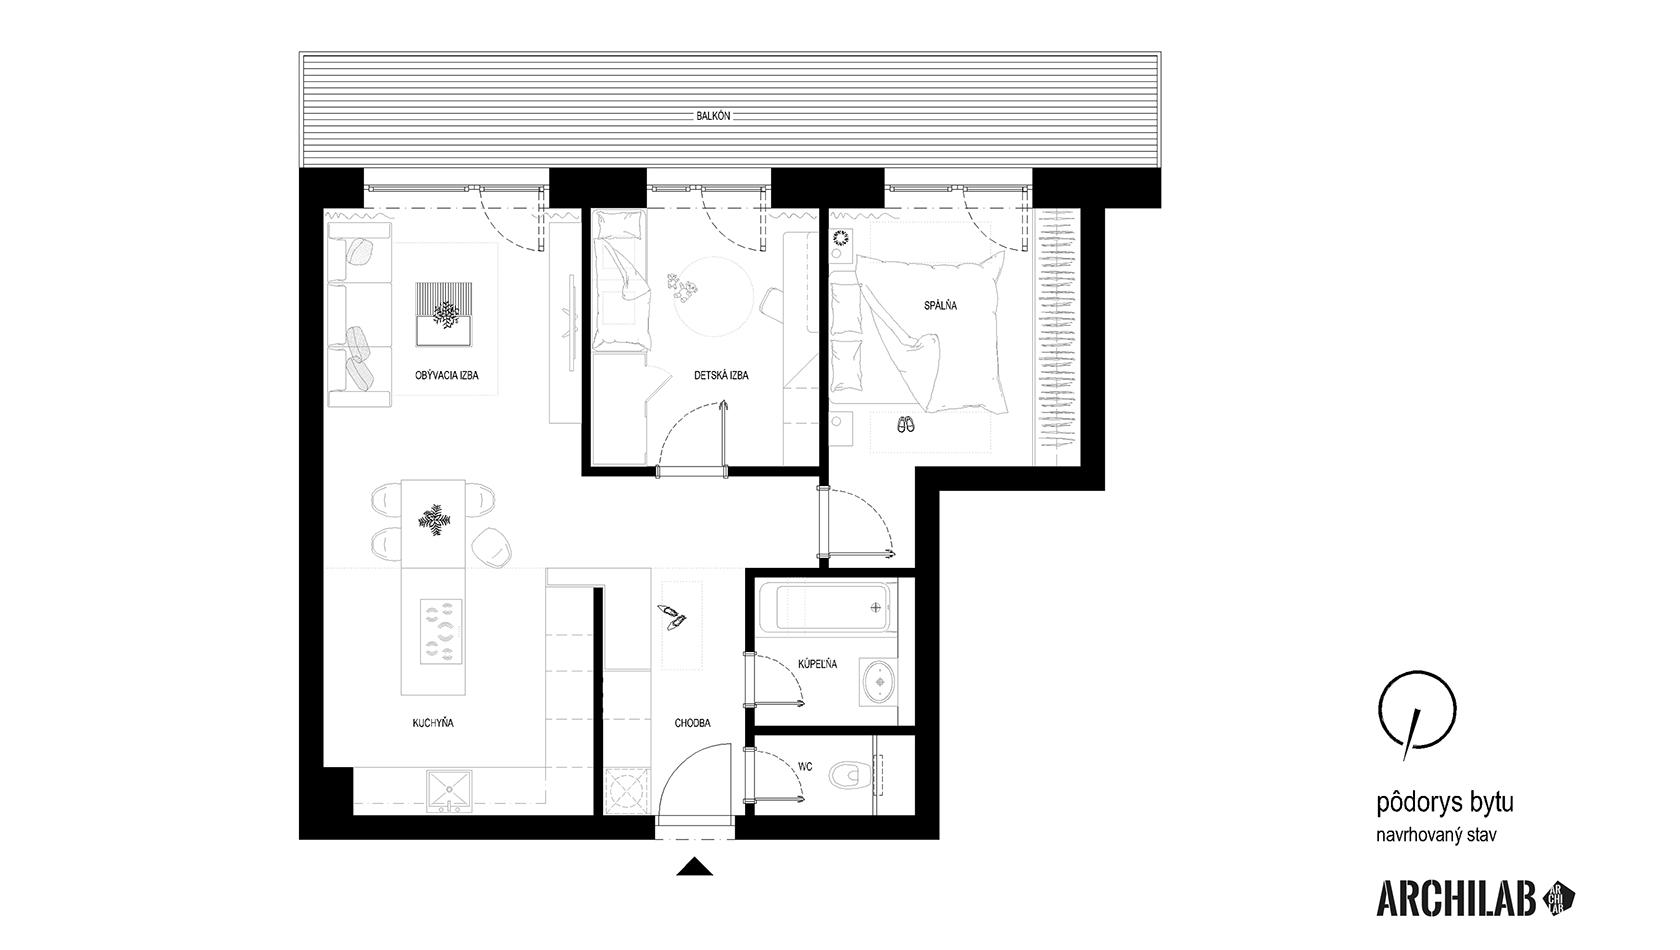 interier-bytu-slnecnice-podorys-3D